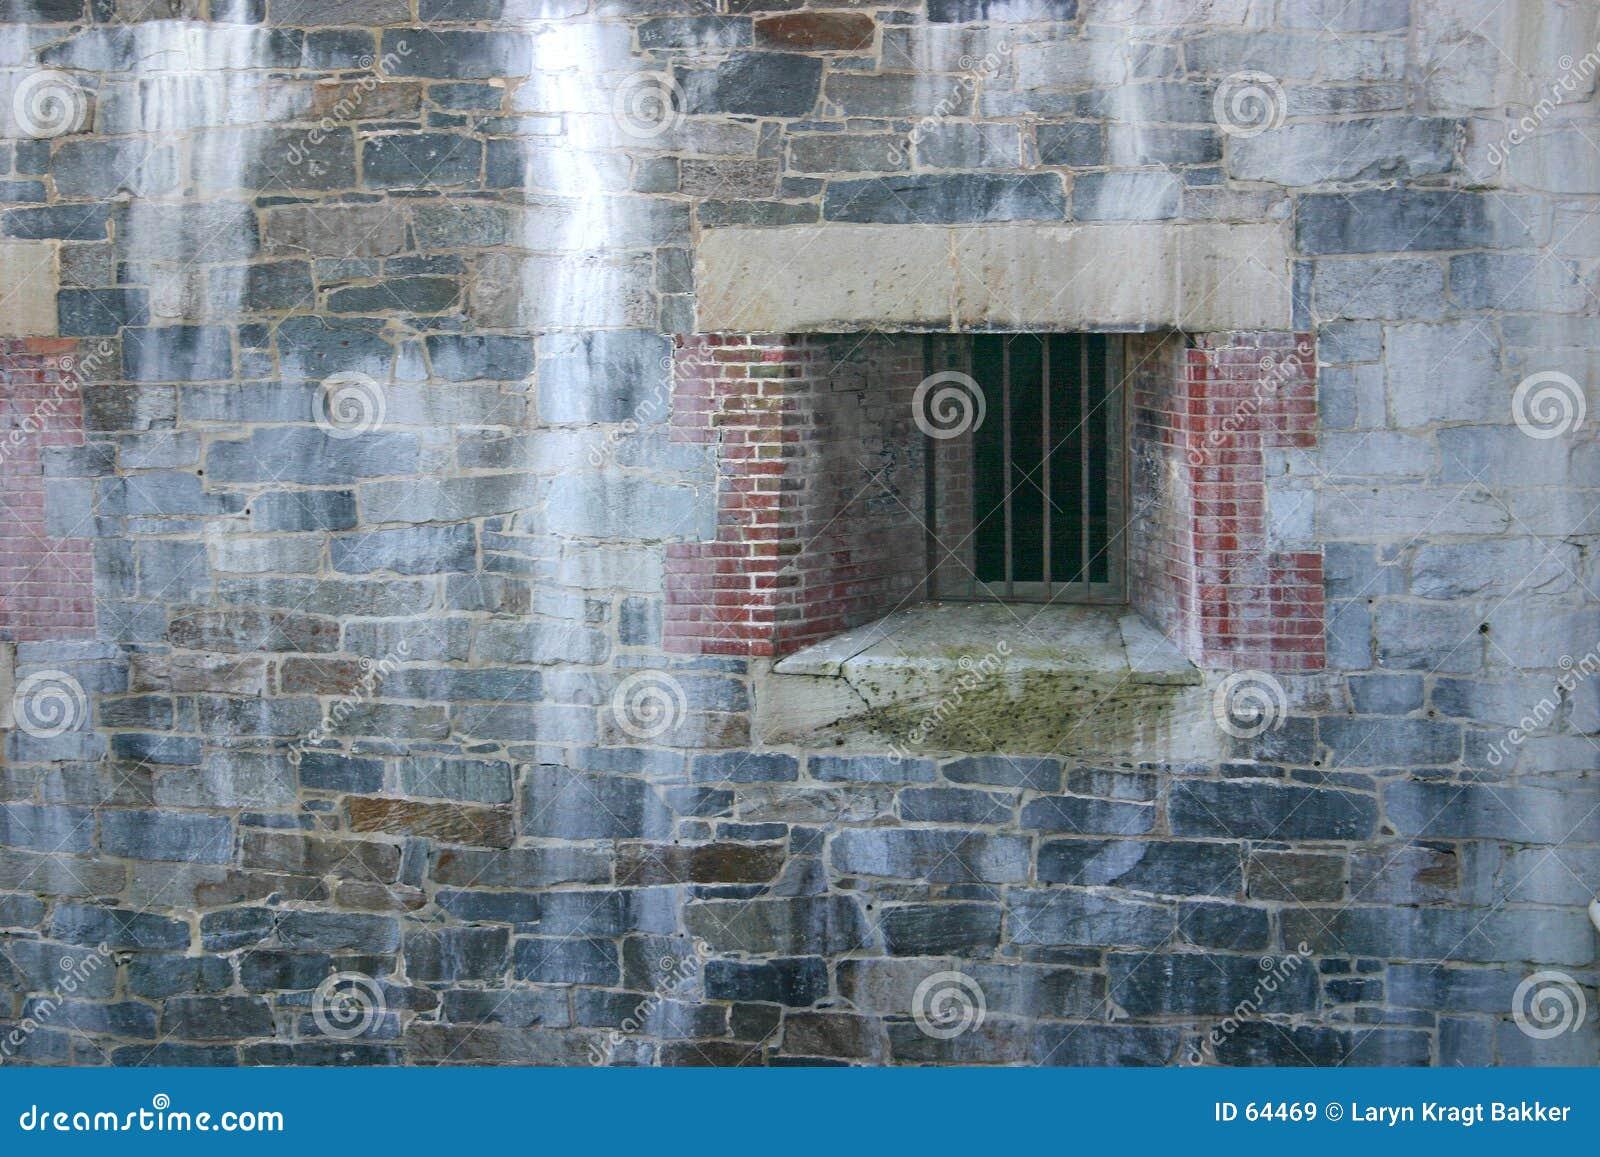 Download Hublot Superficiel Par Les Agents De Cellules Image stock - Image du incarcéré, brique: 64469